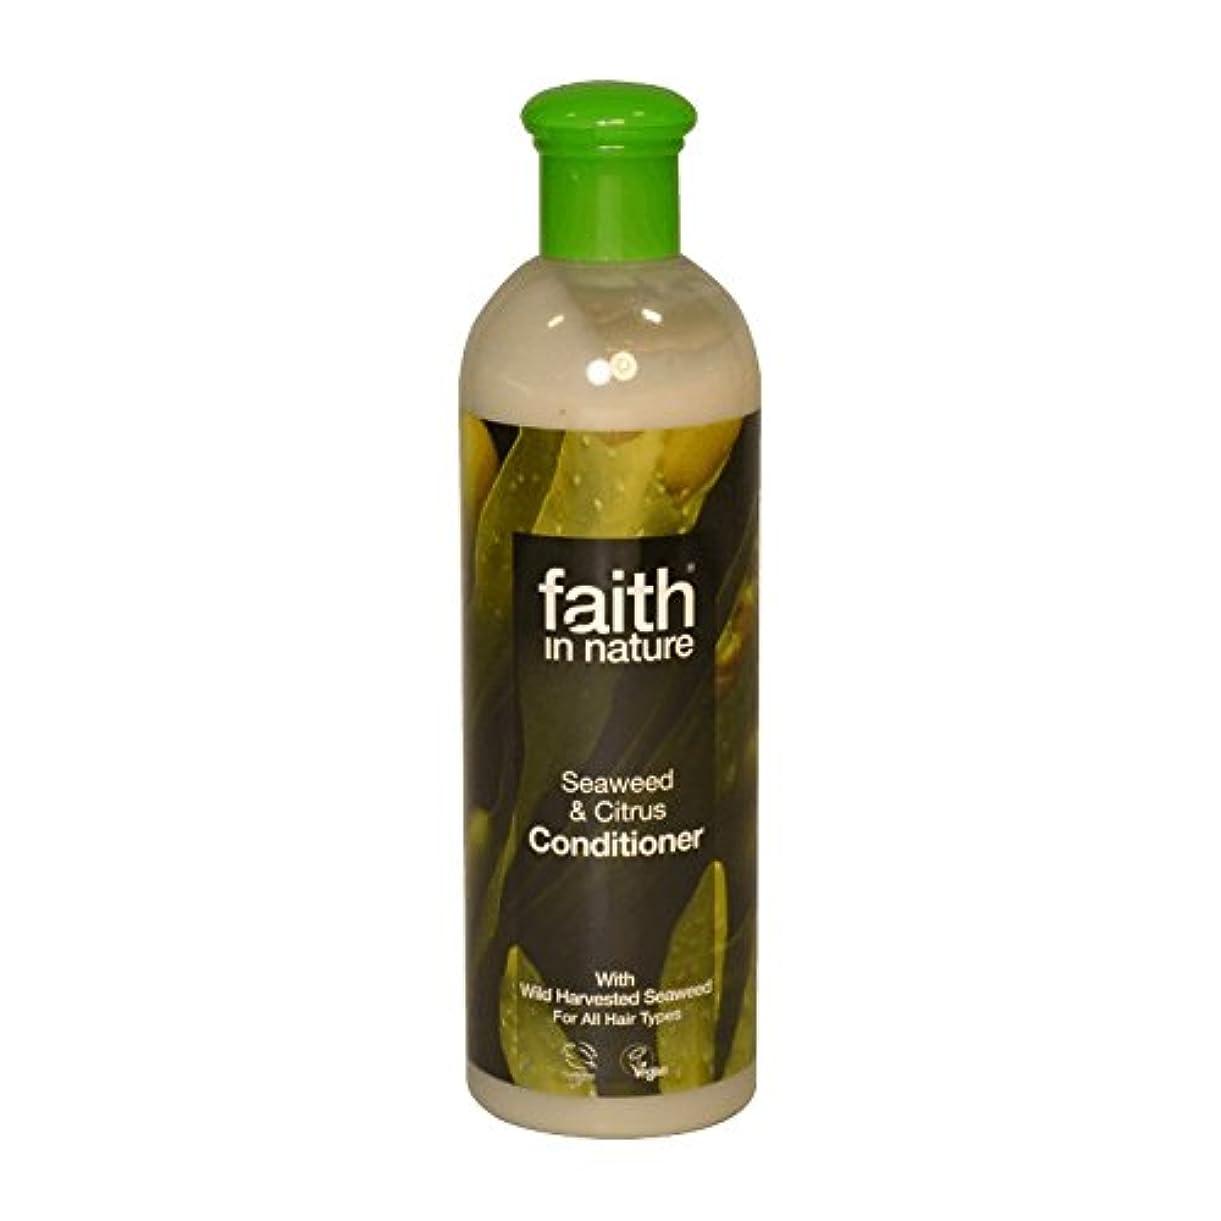 心配サーバント虚栄心自然の海藻&シトラスコンディショナー400ミリリットルの信仰 - Faith in Nature Seaweed & Citrus Conditioner 400ml (Faith in Nature) [並行輸入品]